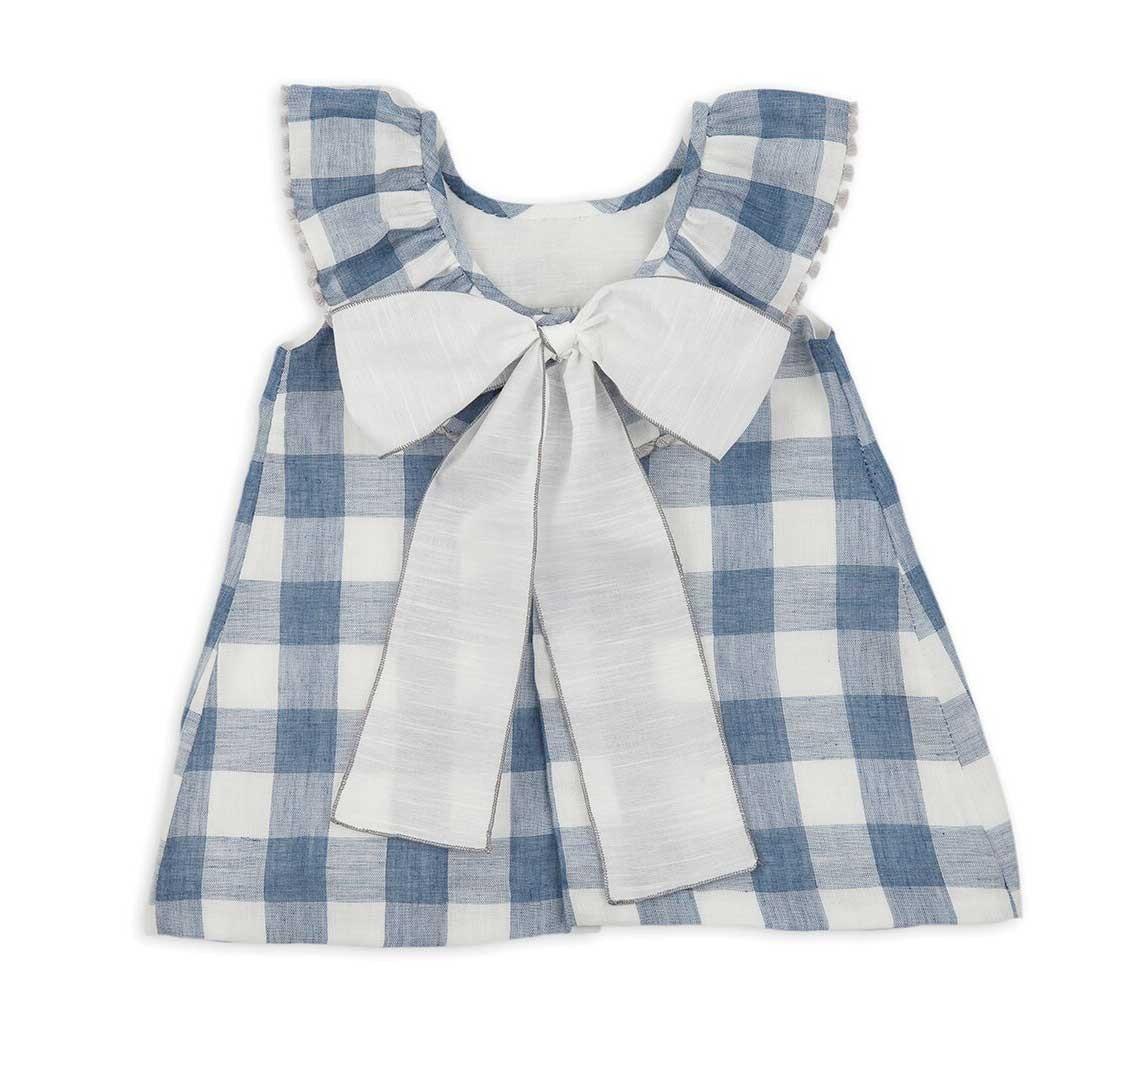 473c919f2 VESTIDO VICHY AZUL NIÑA ROCHY. vestidos para niña online